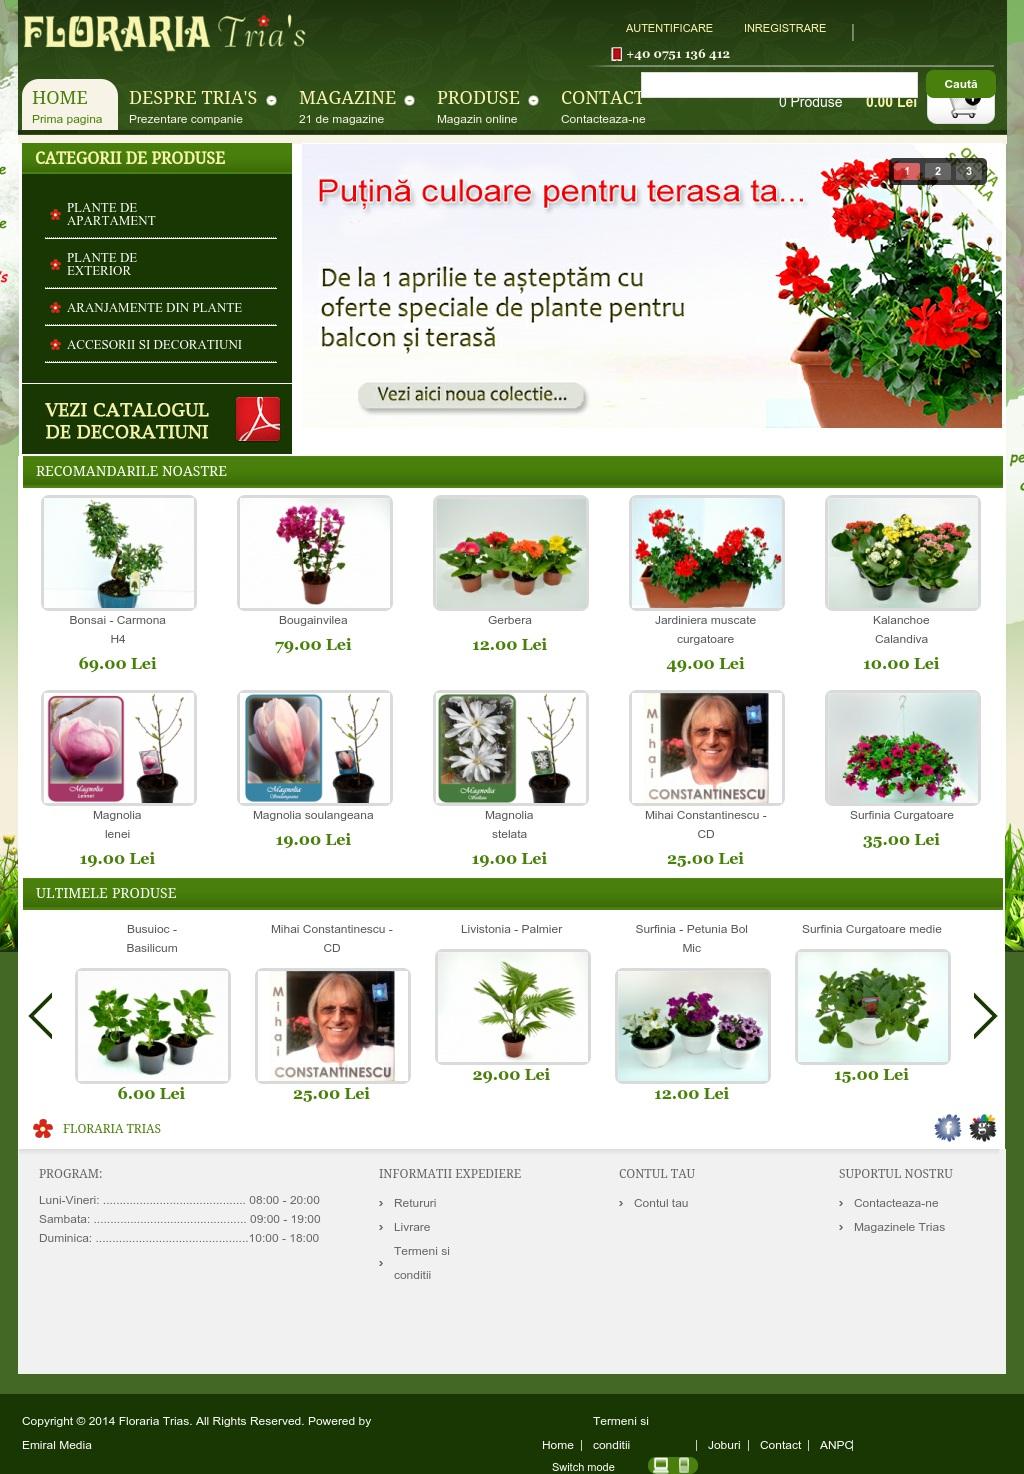 Floraria Tria's